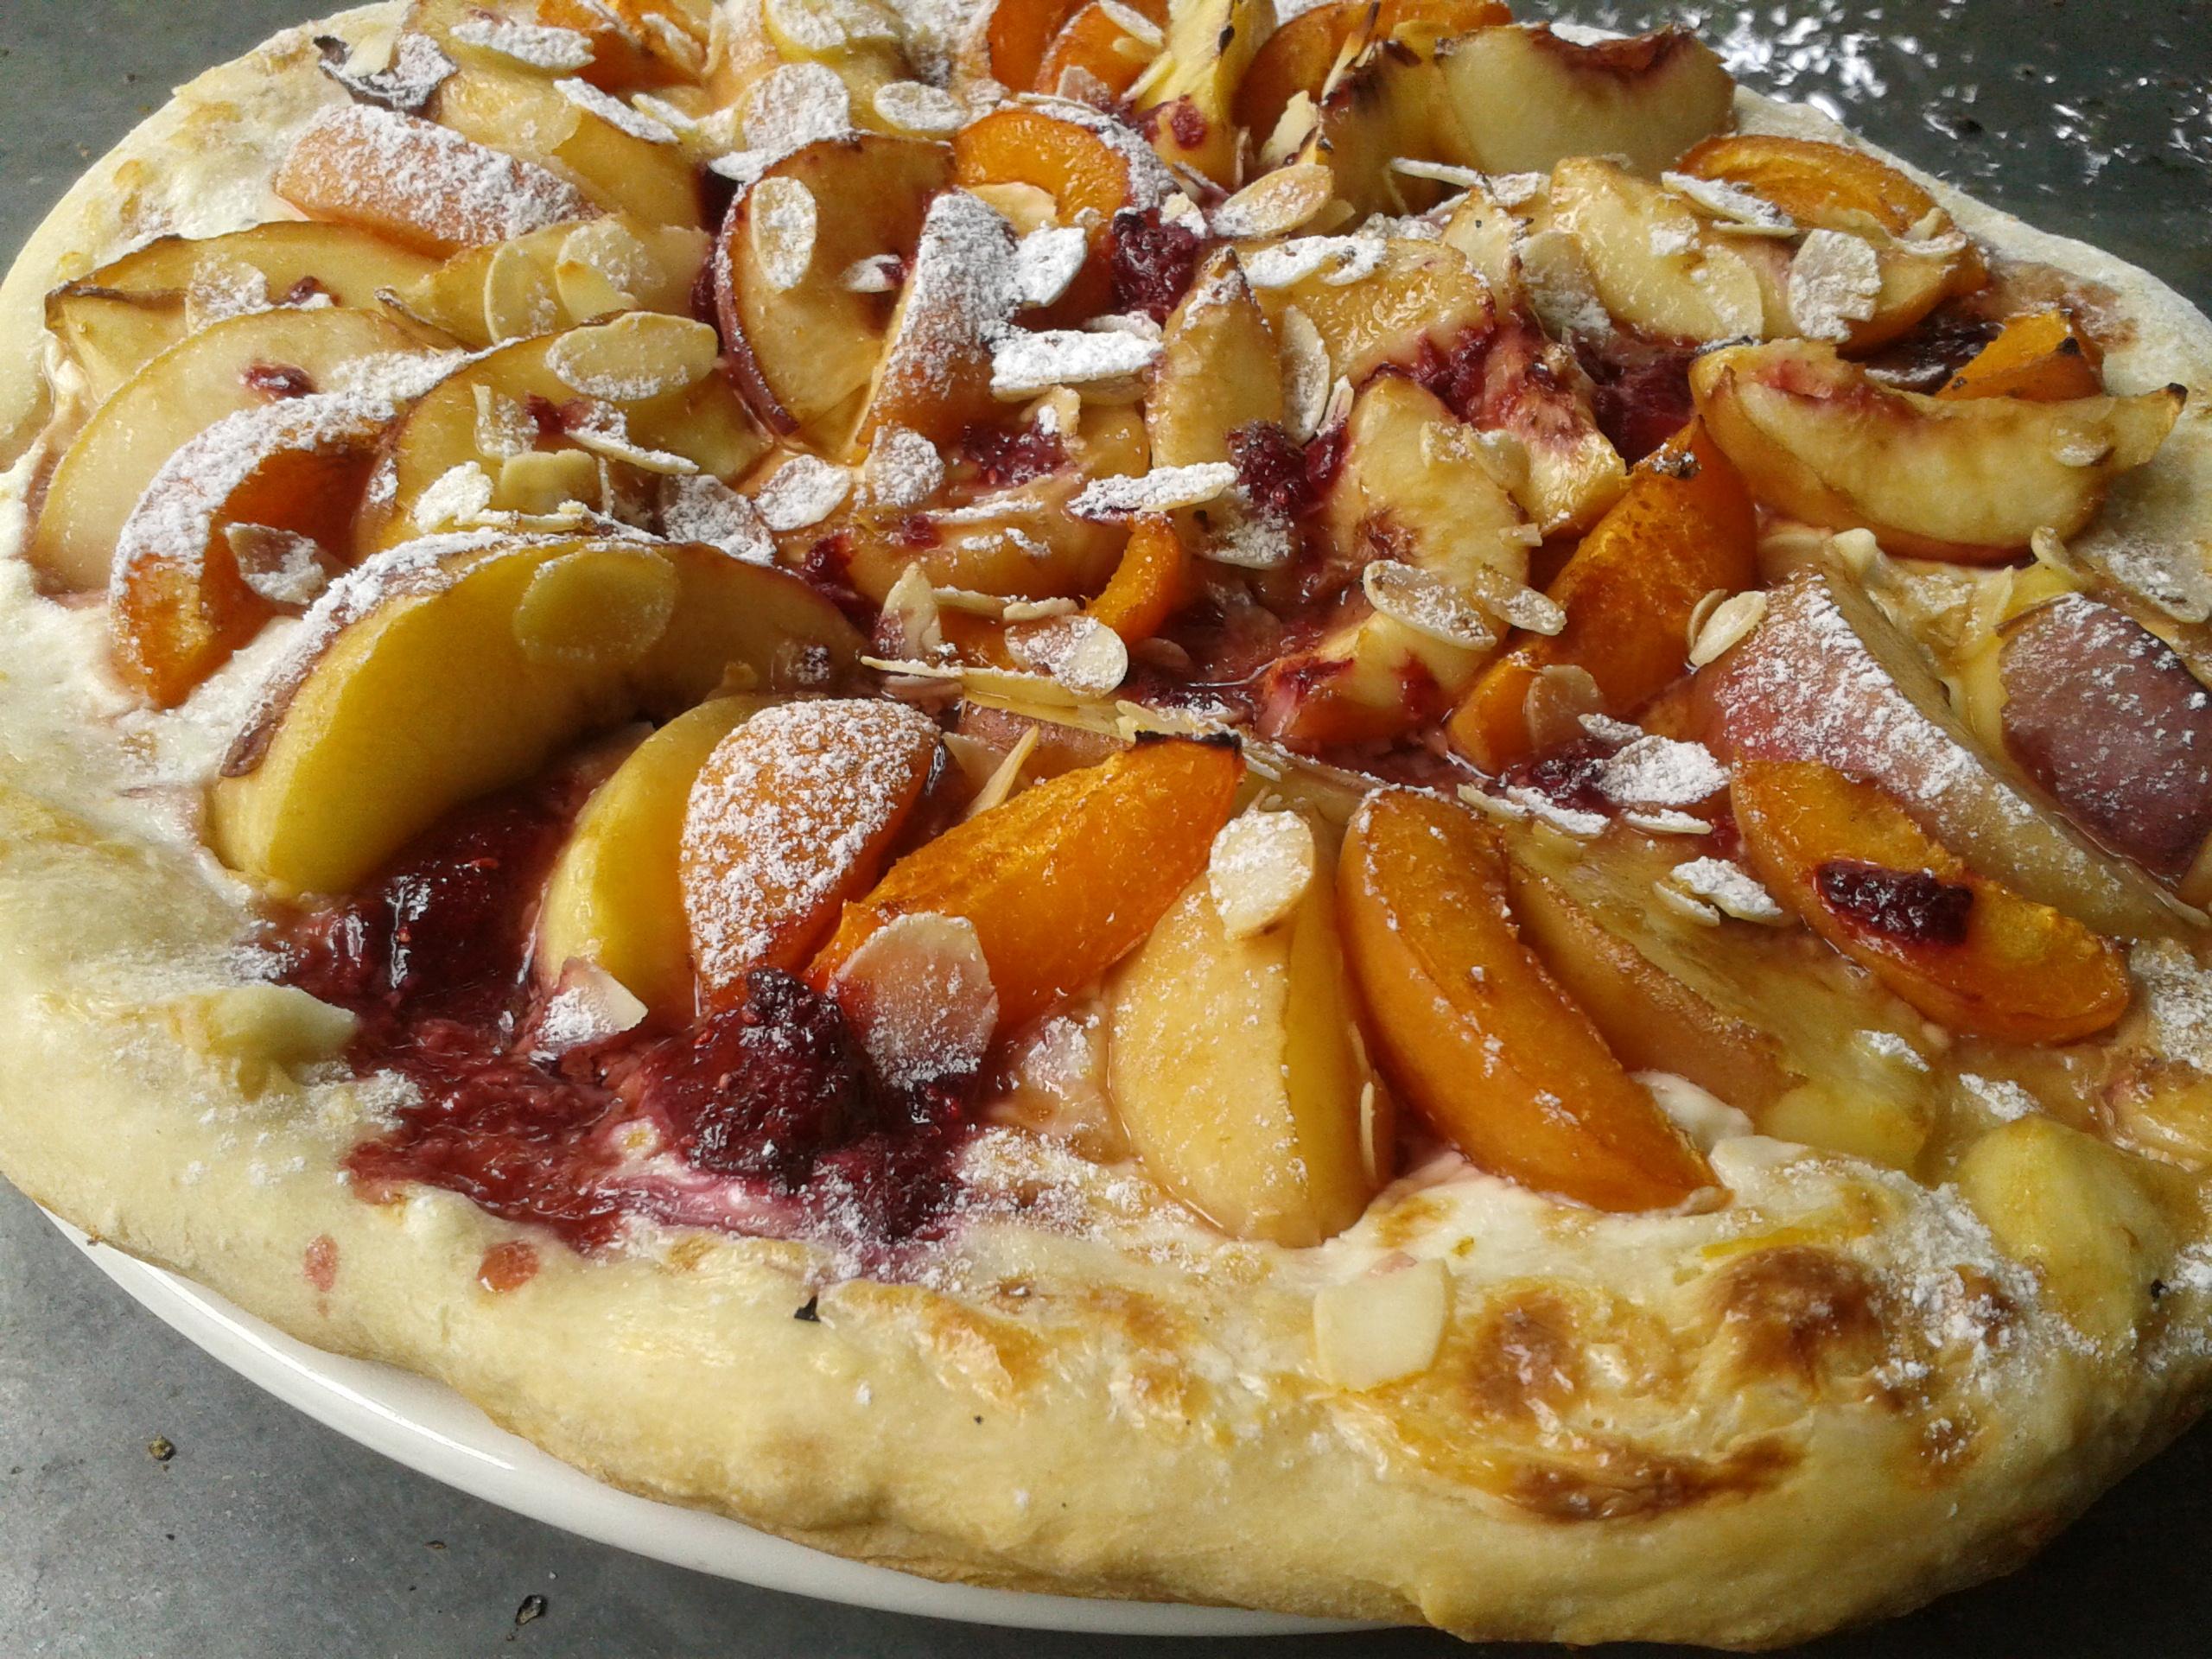 Pizza au mascarpone p ches et abricots la cuisine de bulle for En 3 pizzas te olvido